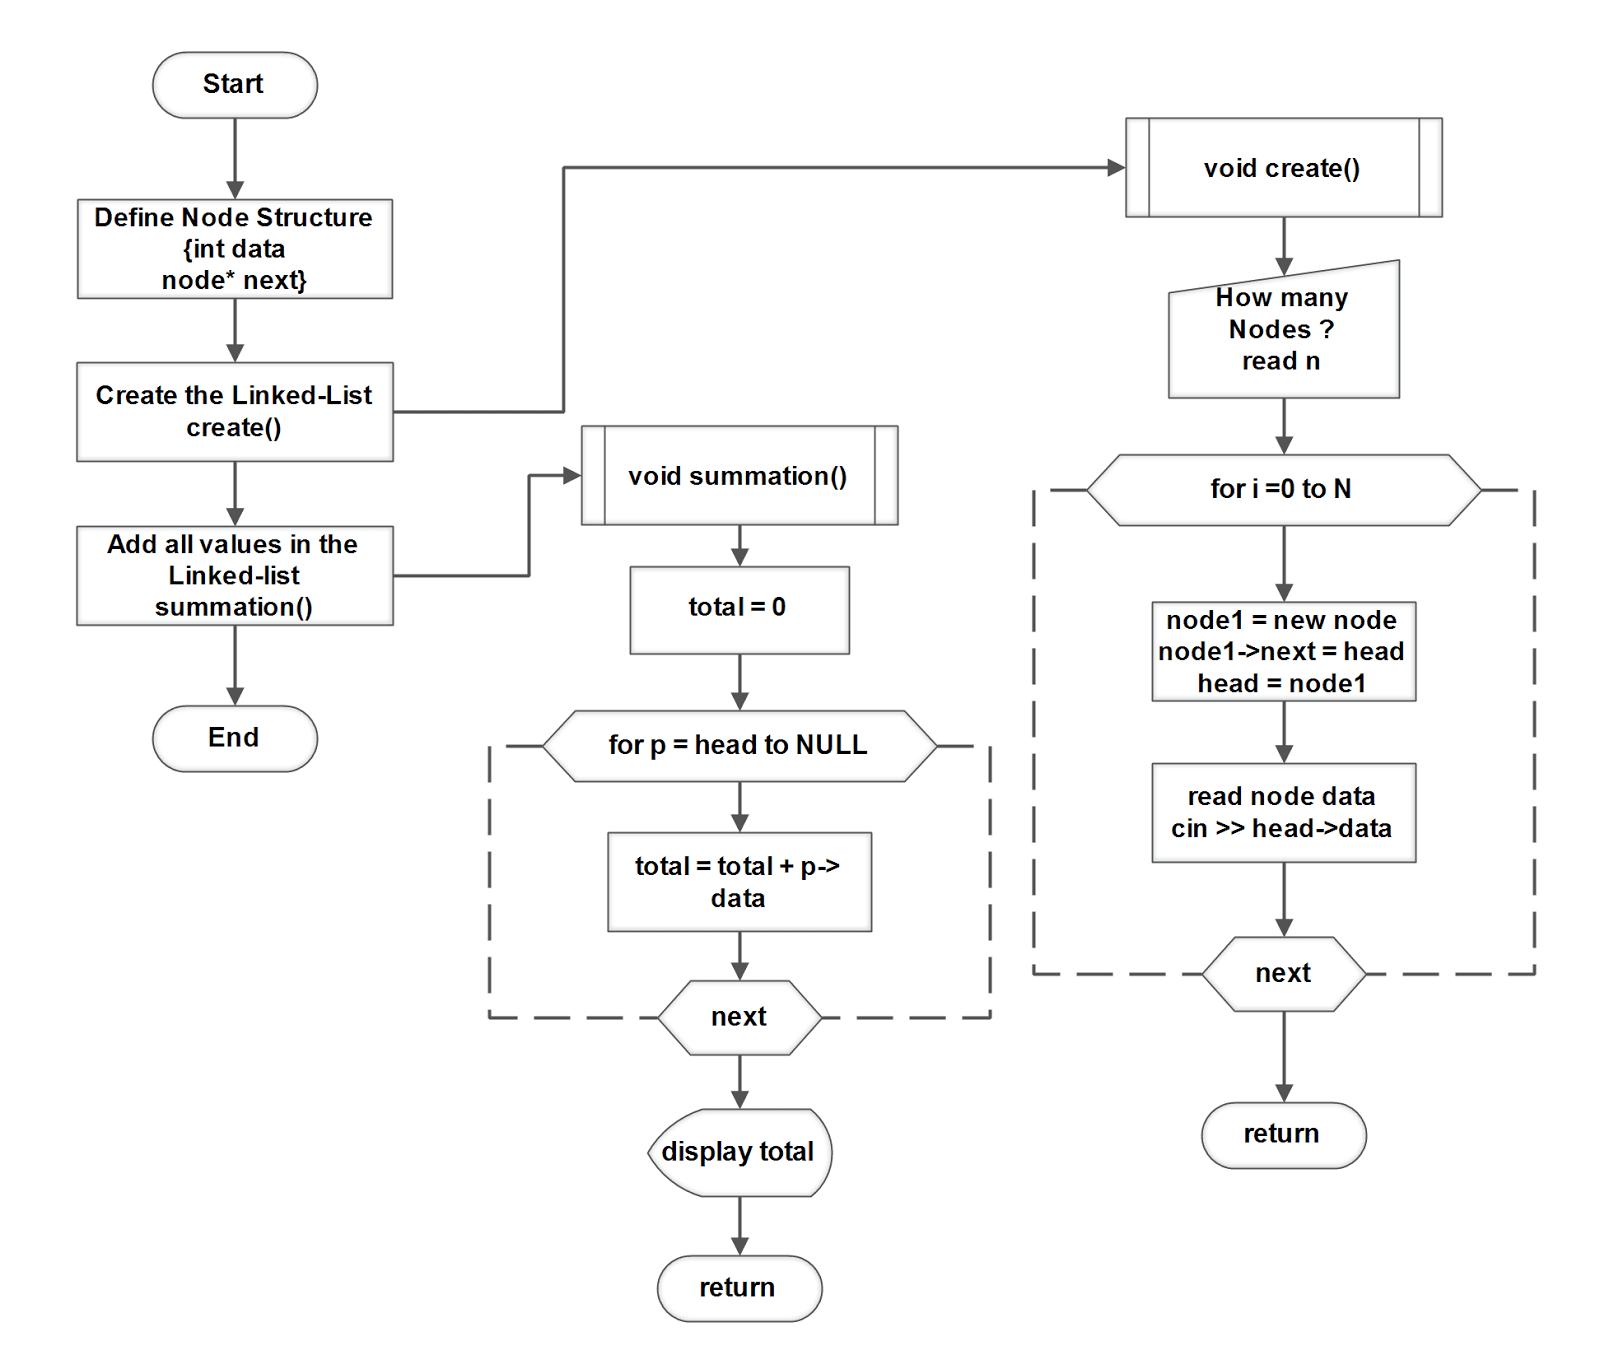 Flowchart: C++ Program for Sum of N numbers using Linked-List